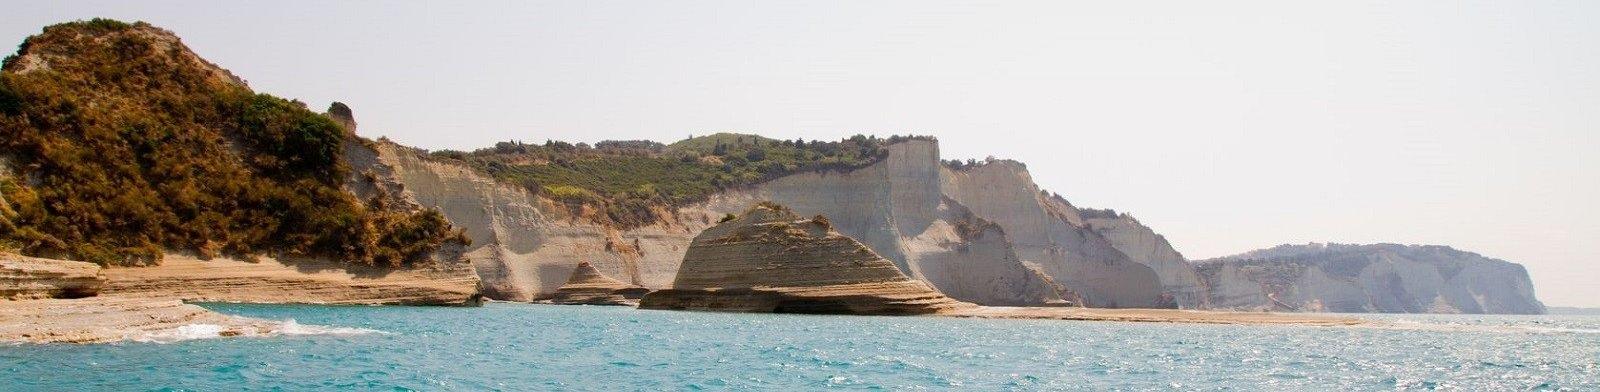 Corfu seascape